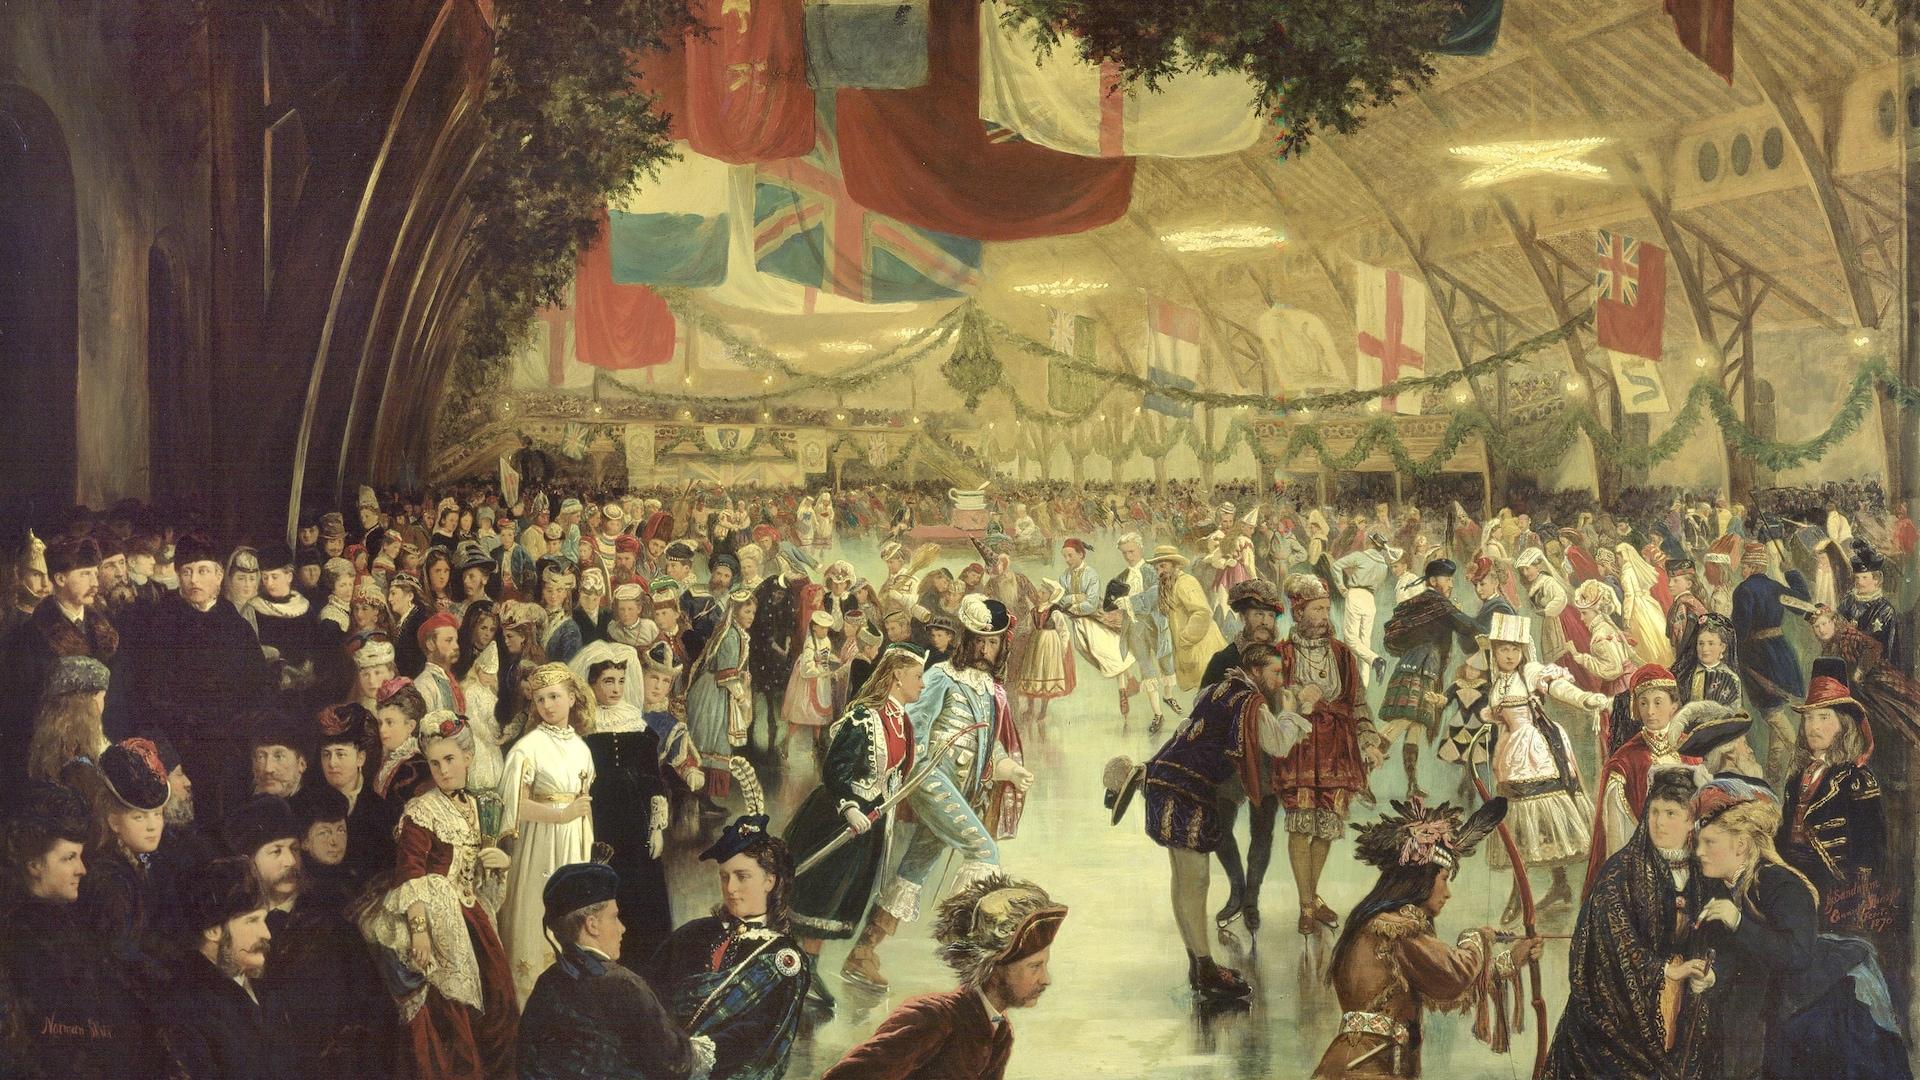 Des patineurs participent à un bal costumé sur glace dans l'aréna du Victoria Rink. La décoration de sapinages et de drapeaux est somptueuse, tout comme les costumes des participants, rassemblés par centaine tout autour de la glace.